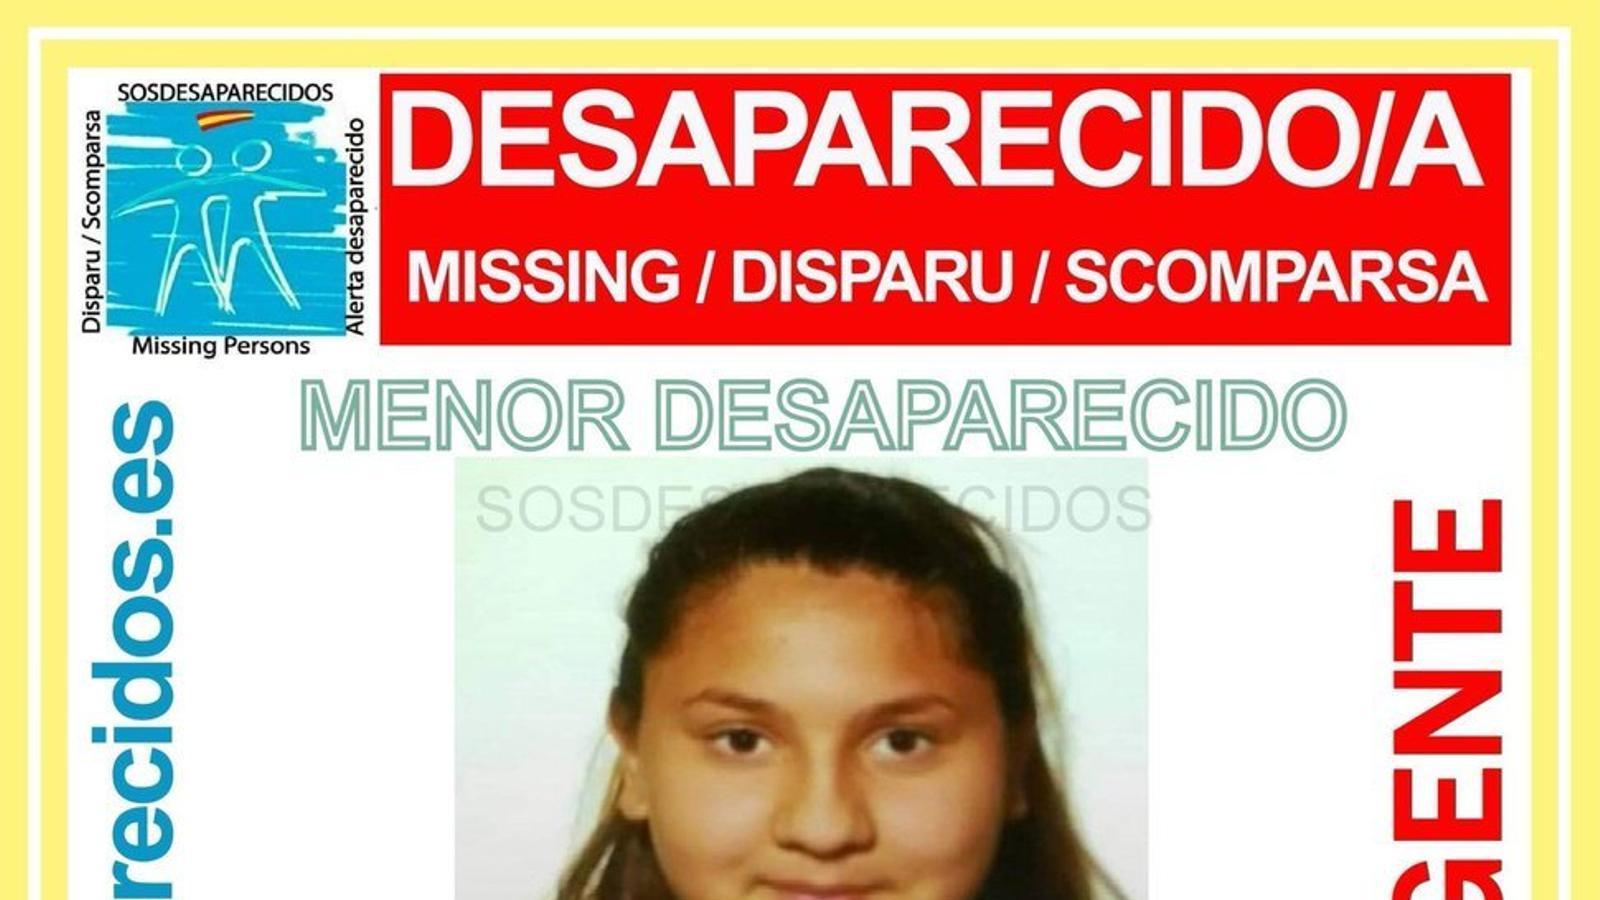 Imatge de l'adolescent desapareguda difosa per sosdesaparecidos.